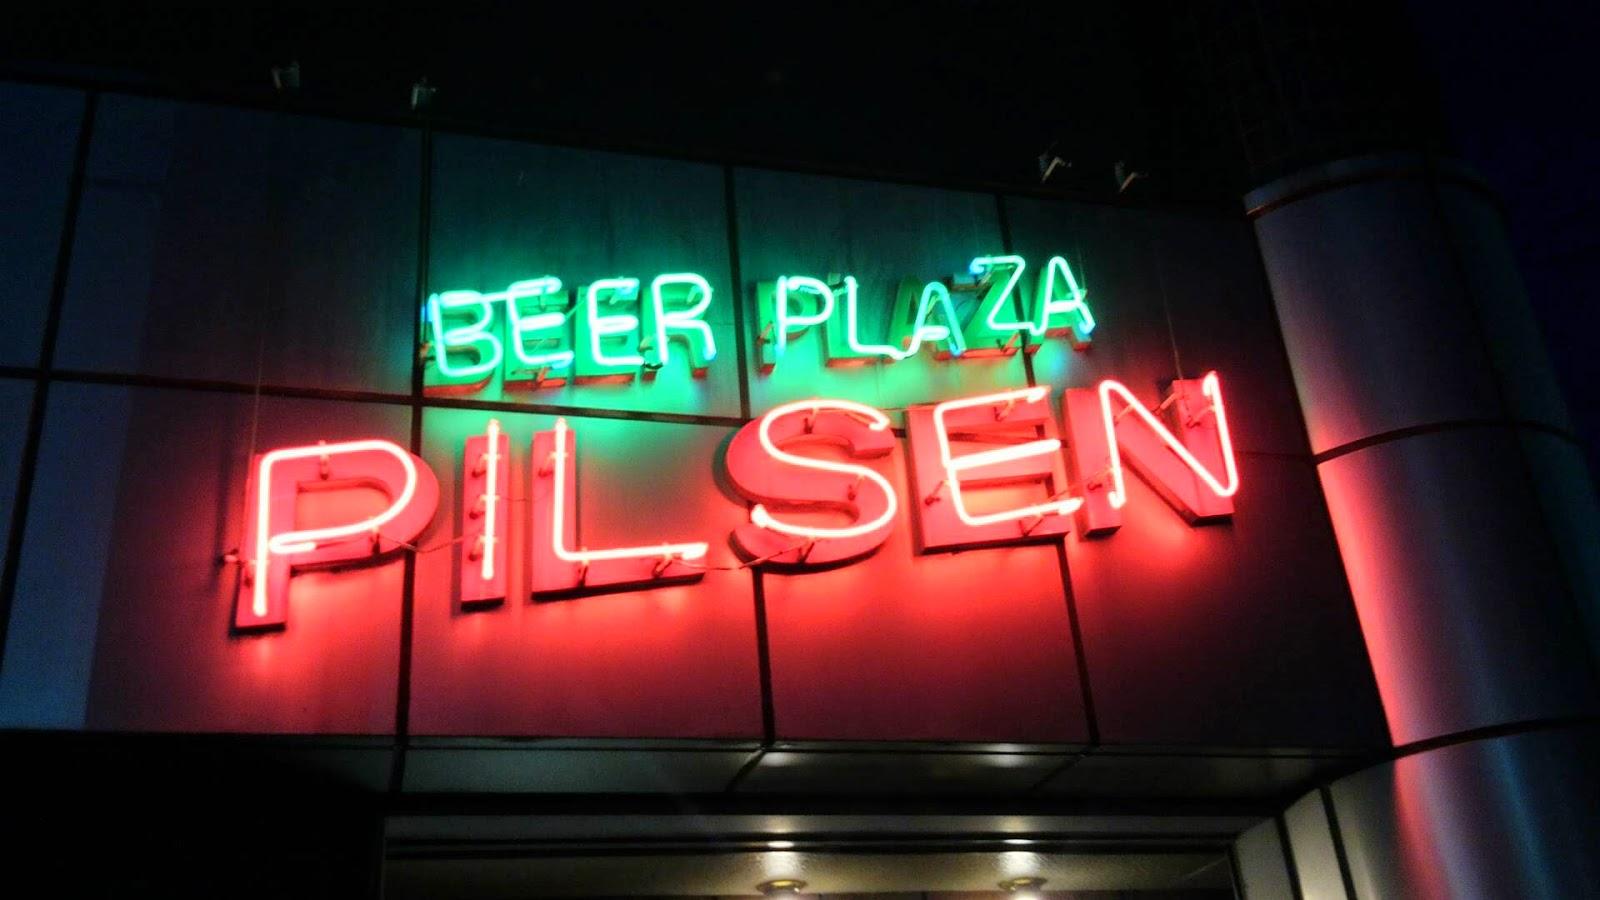 Beer Plaza Pilsen Towada ビアプラザピルゼン 十和田市